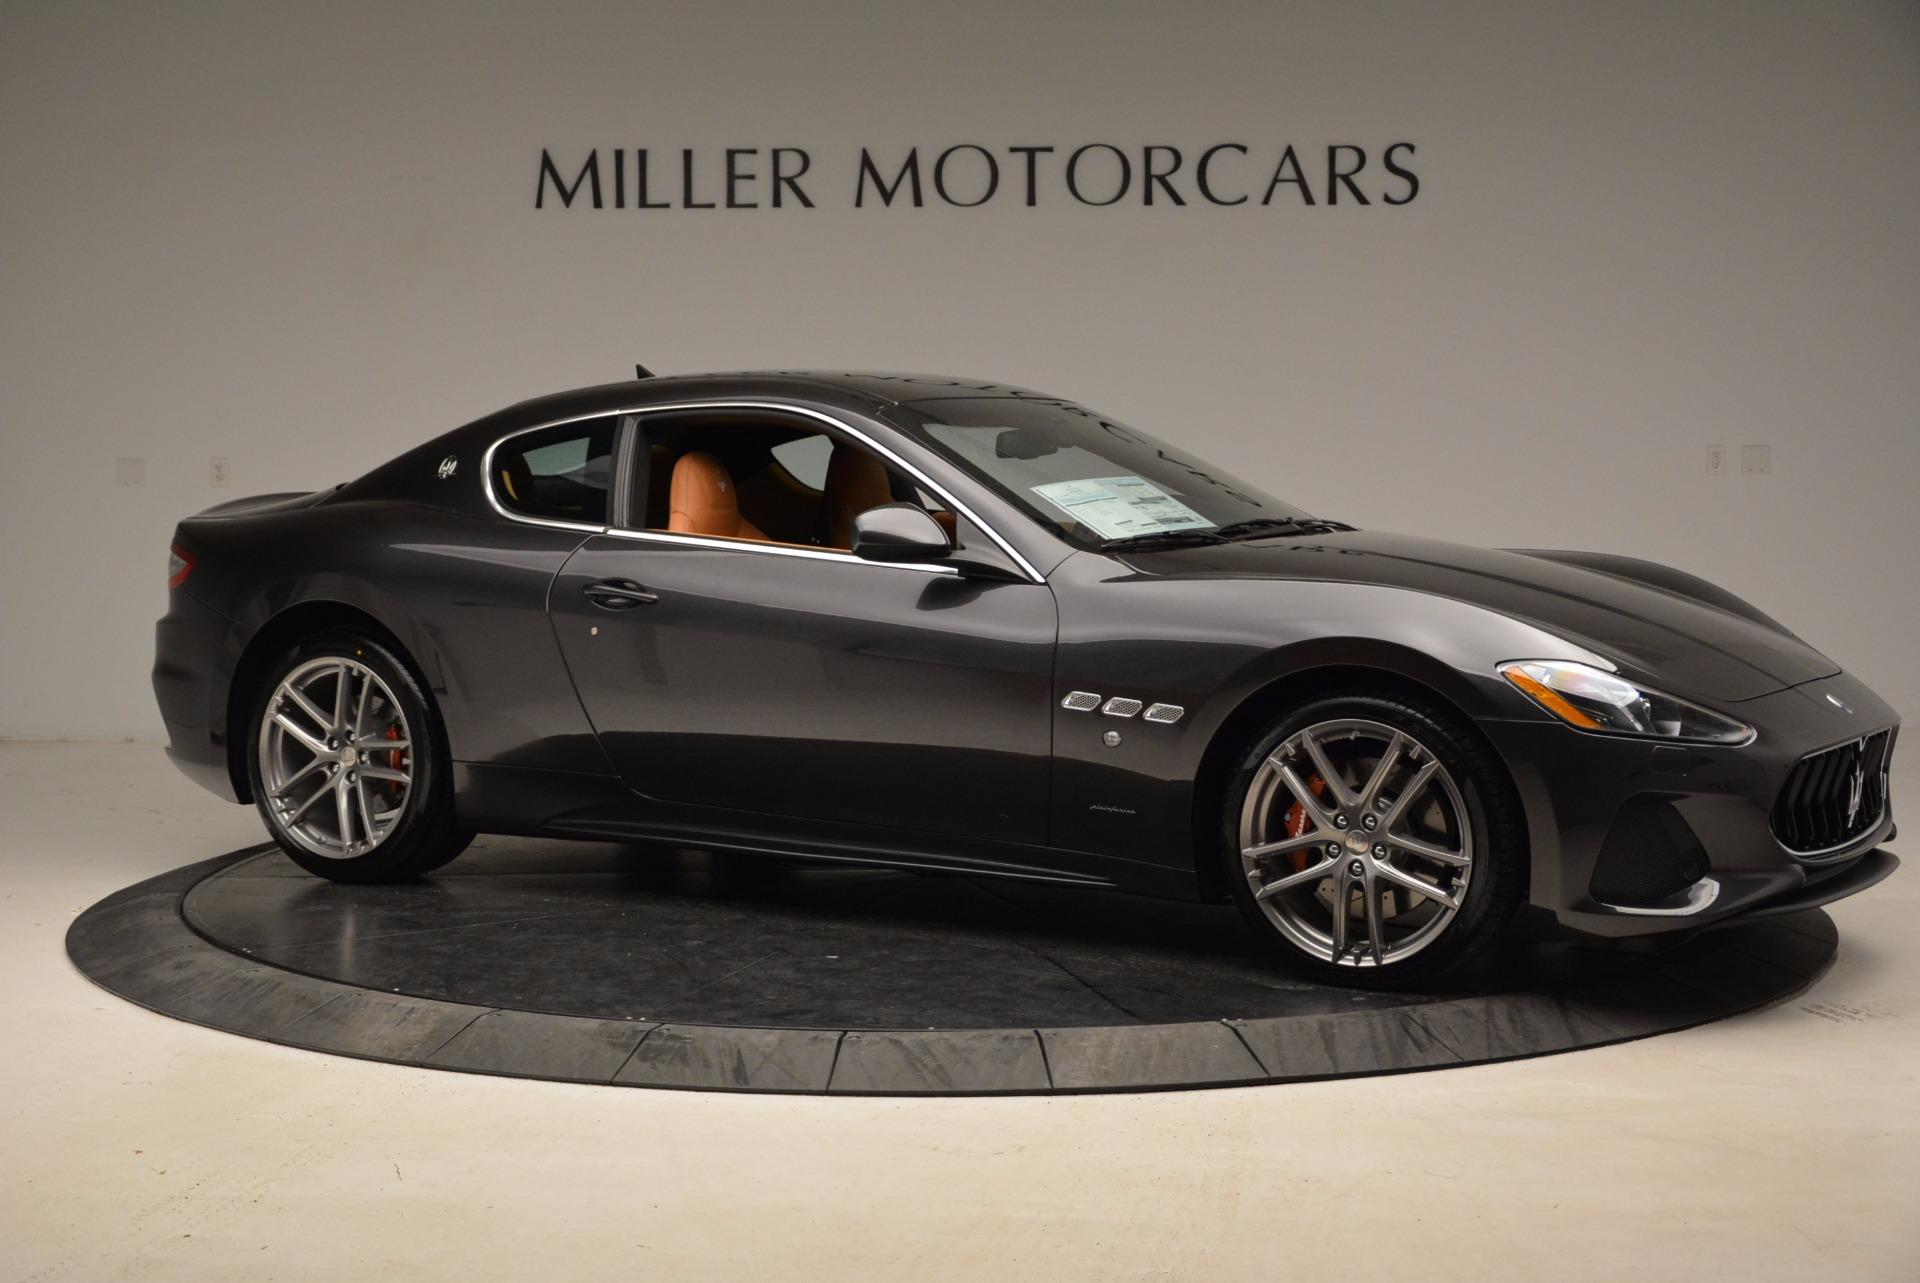 New 2018 Maserati GranTurismo Sport Coupe For Sale In Greenwich, CT 1771_p10